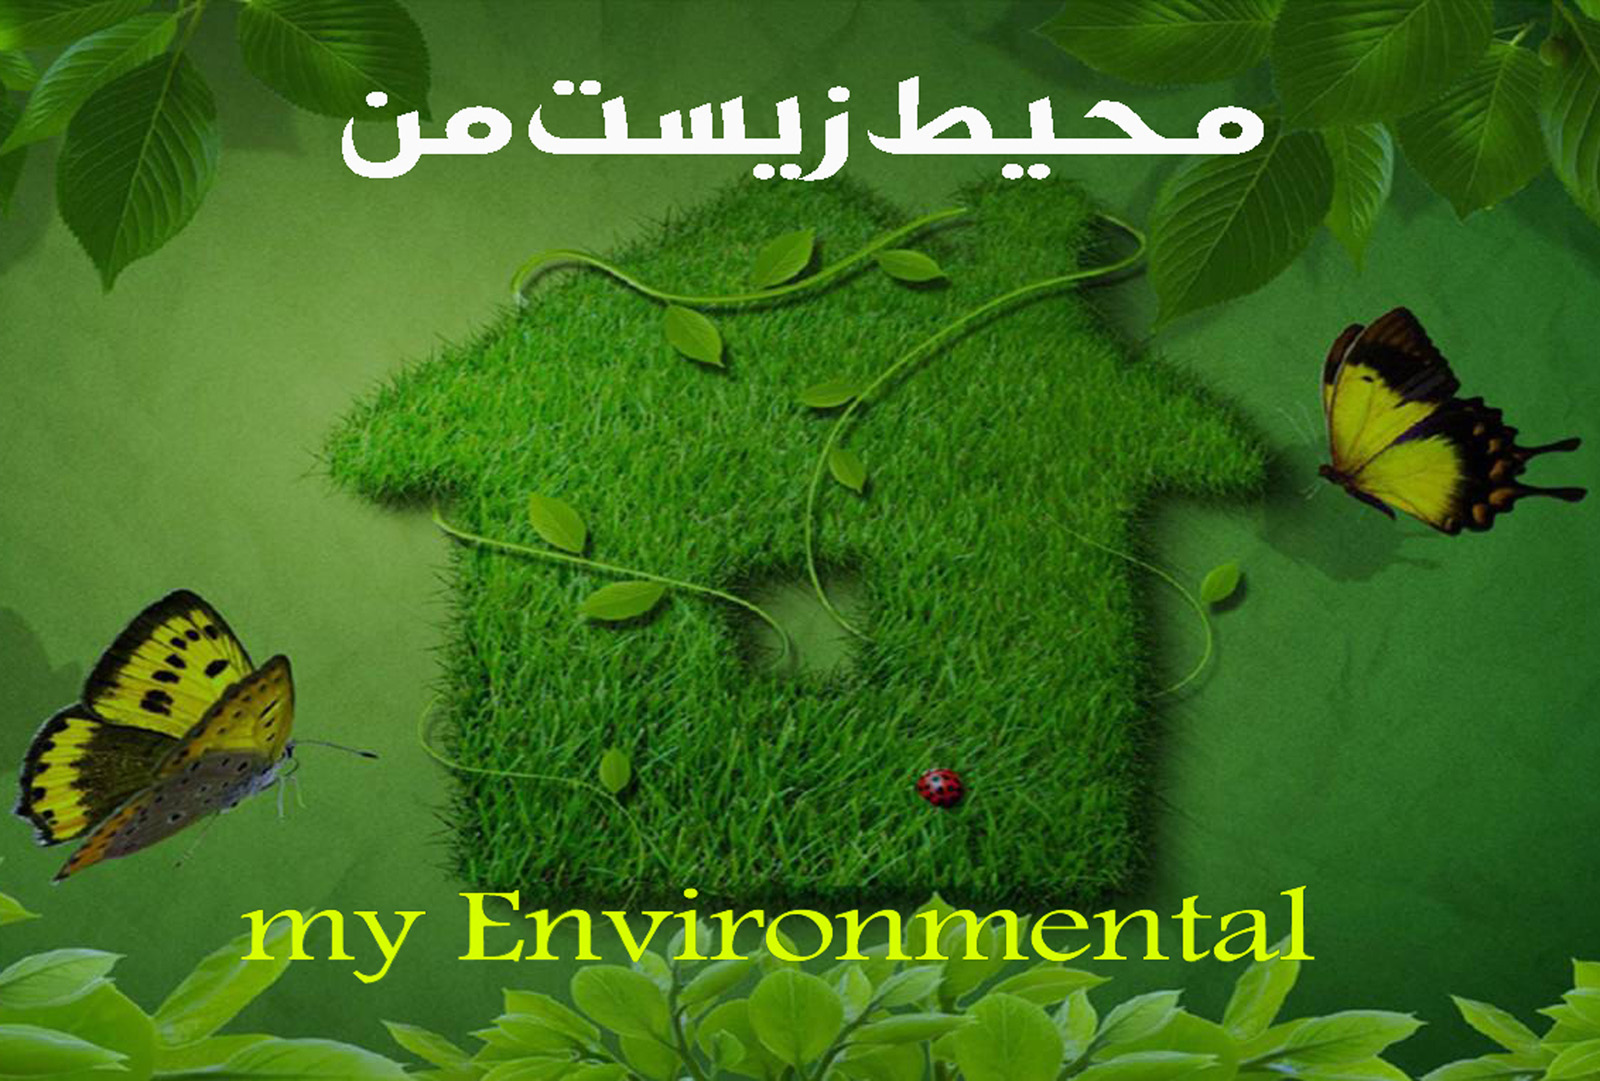 محیط زیست من